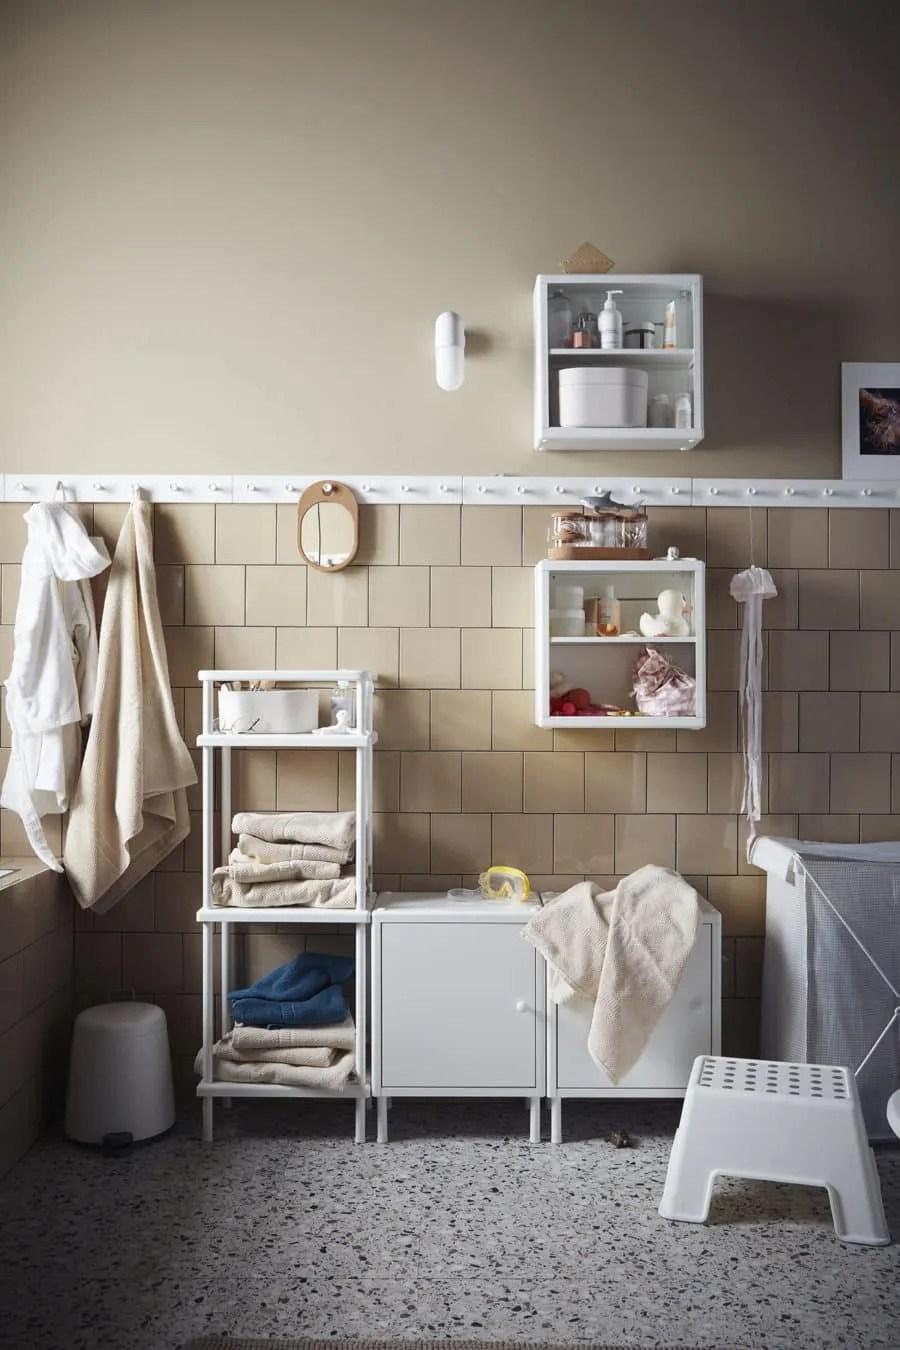 baños ikea 2019